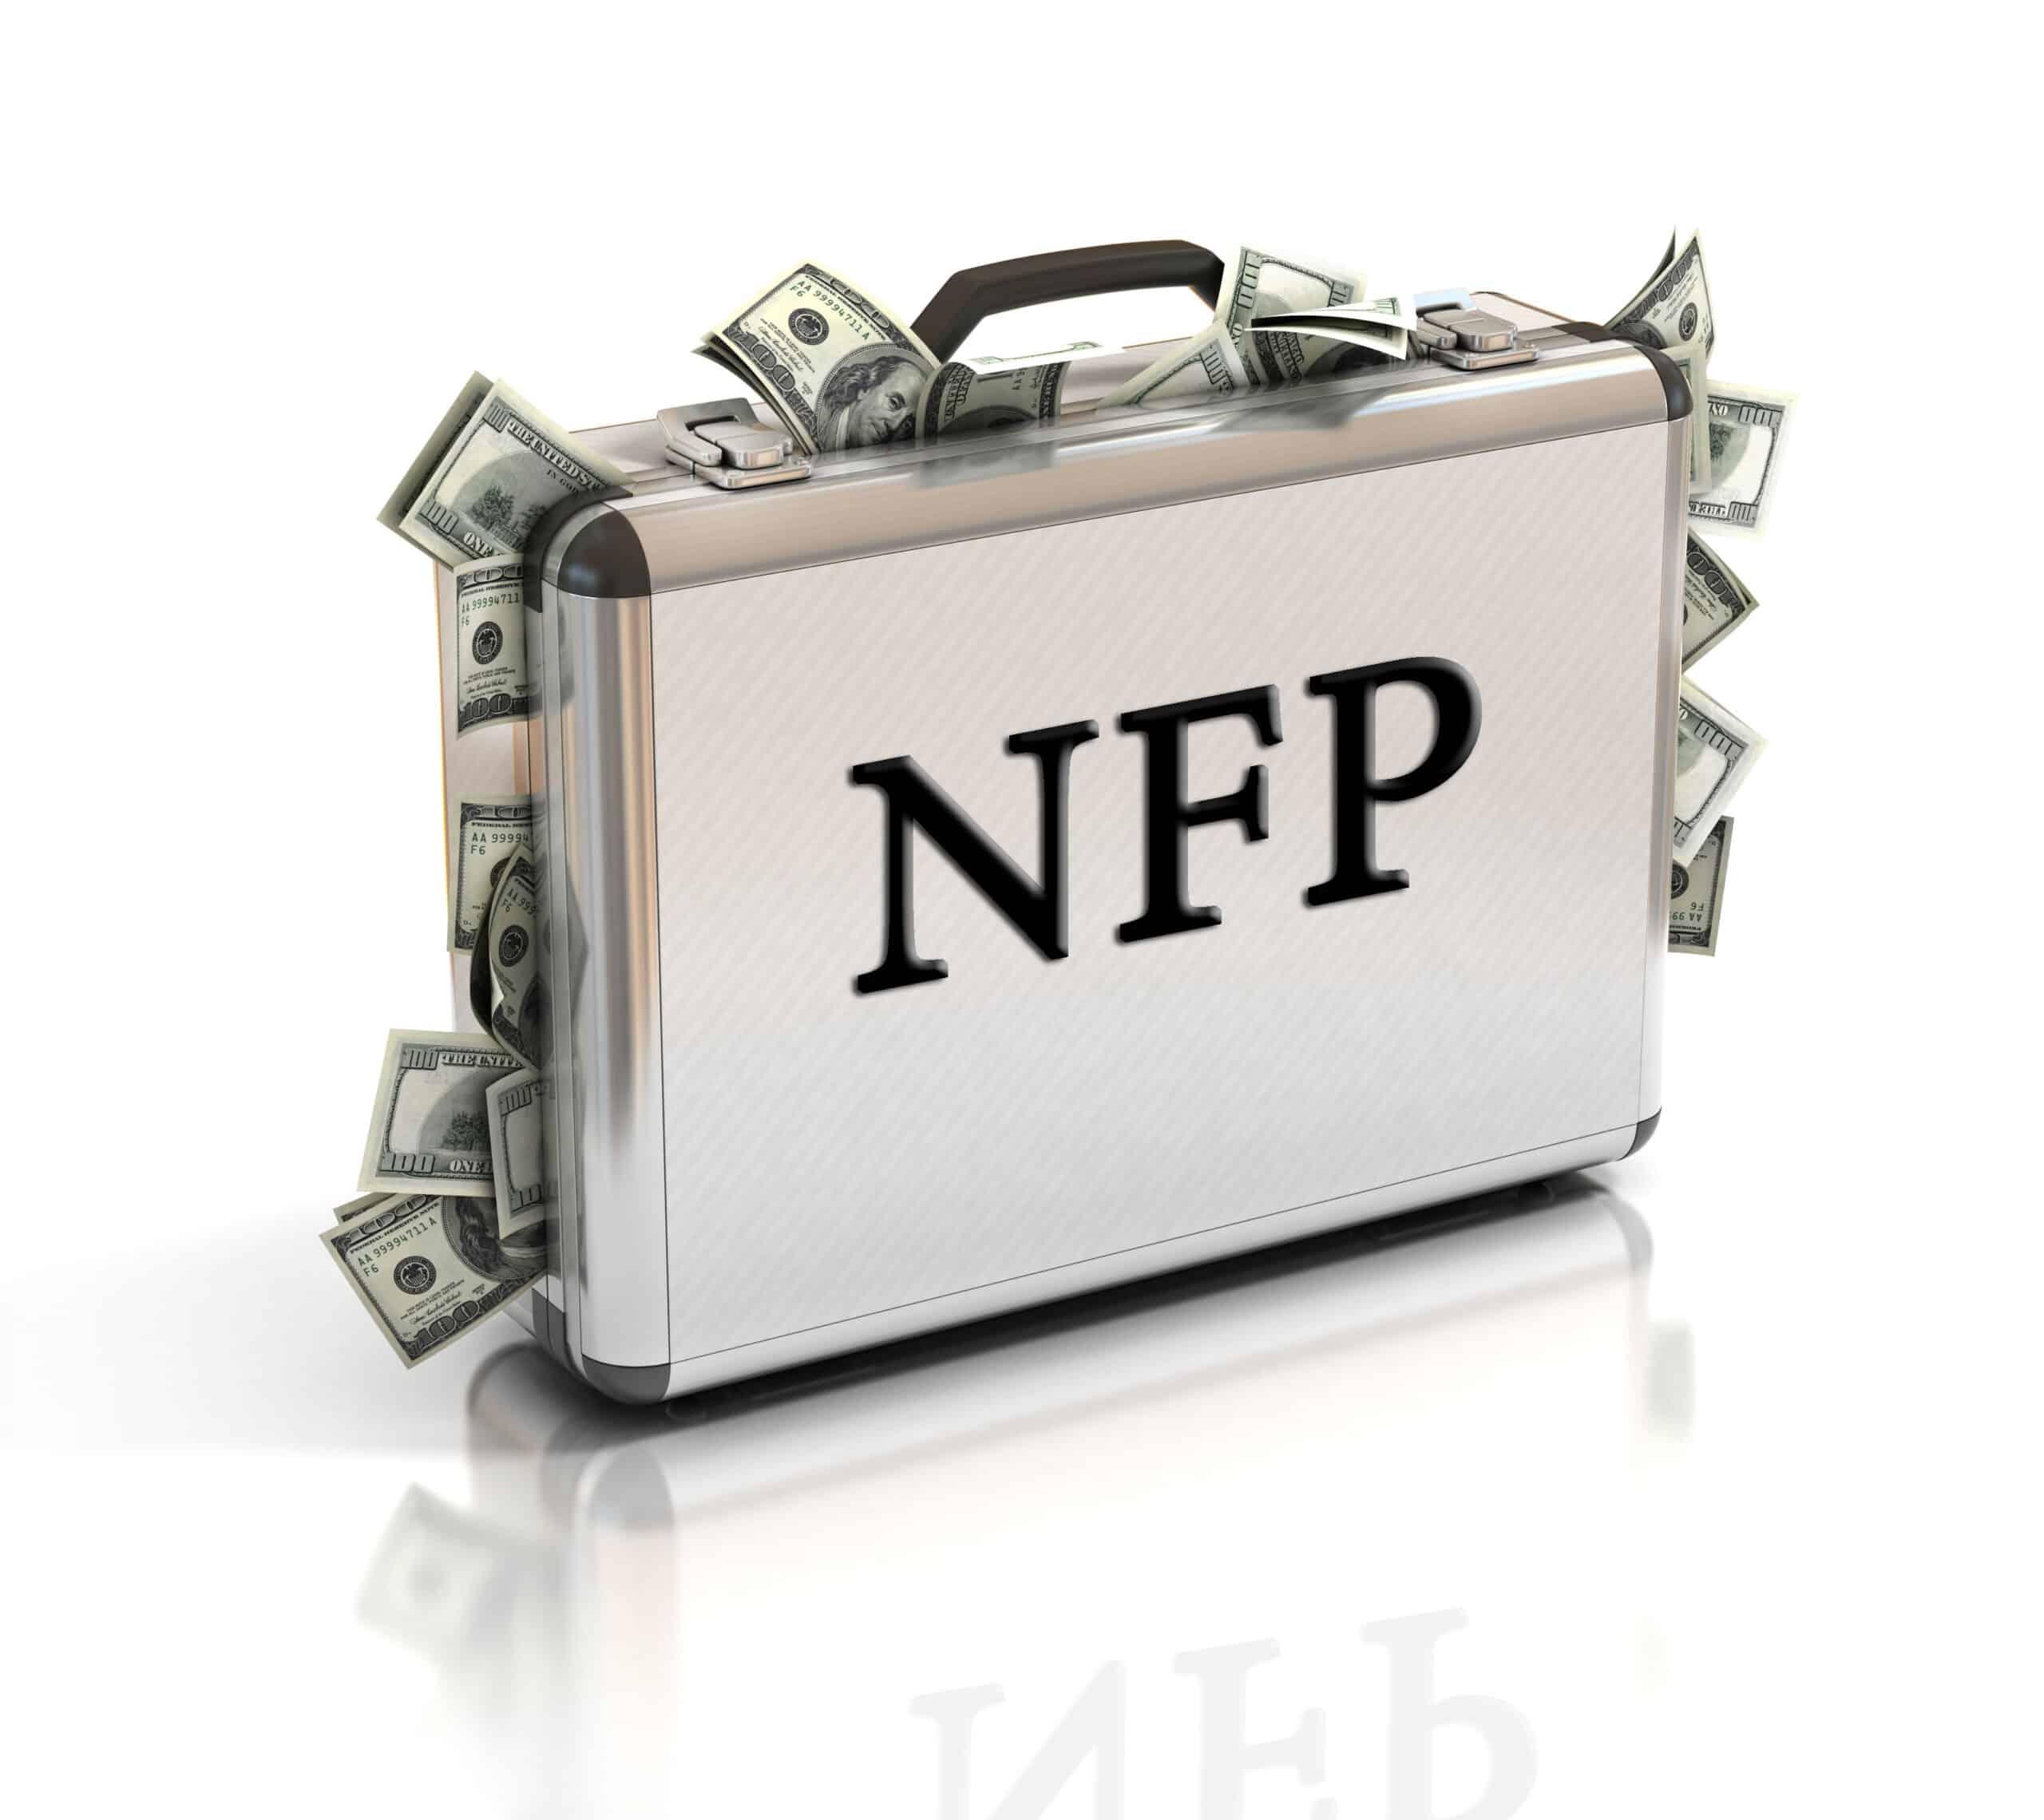 szybki scenariusz na NFP - 4 czerwca 2021